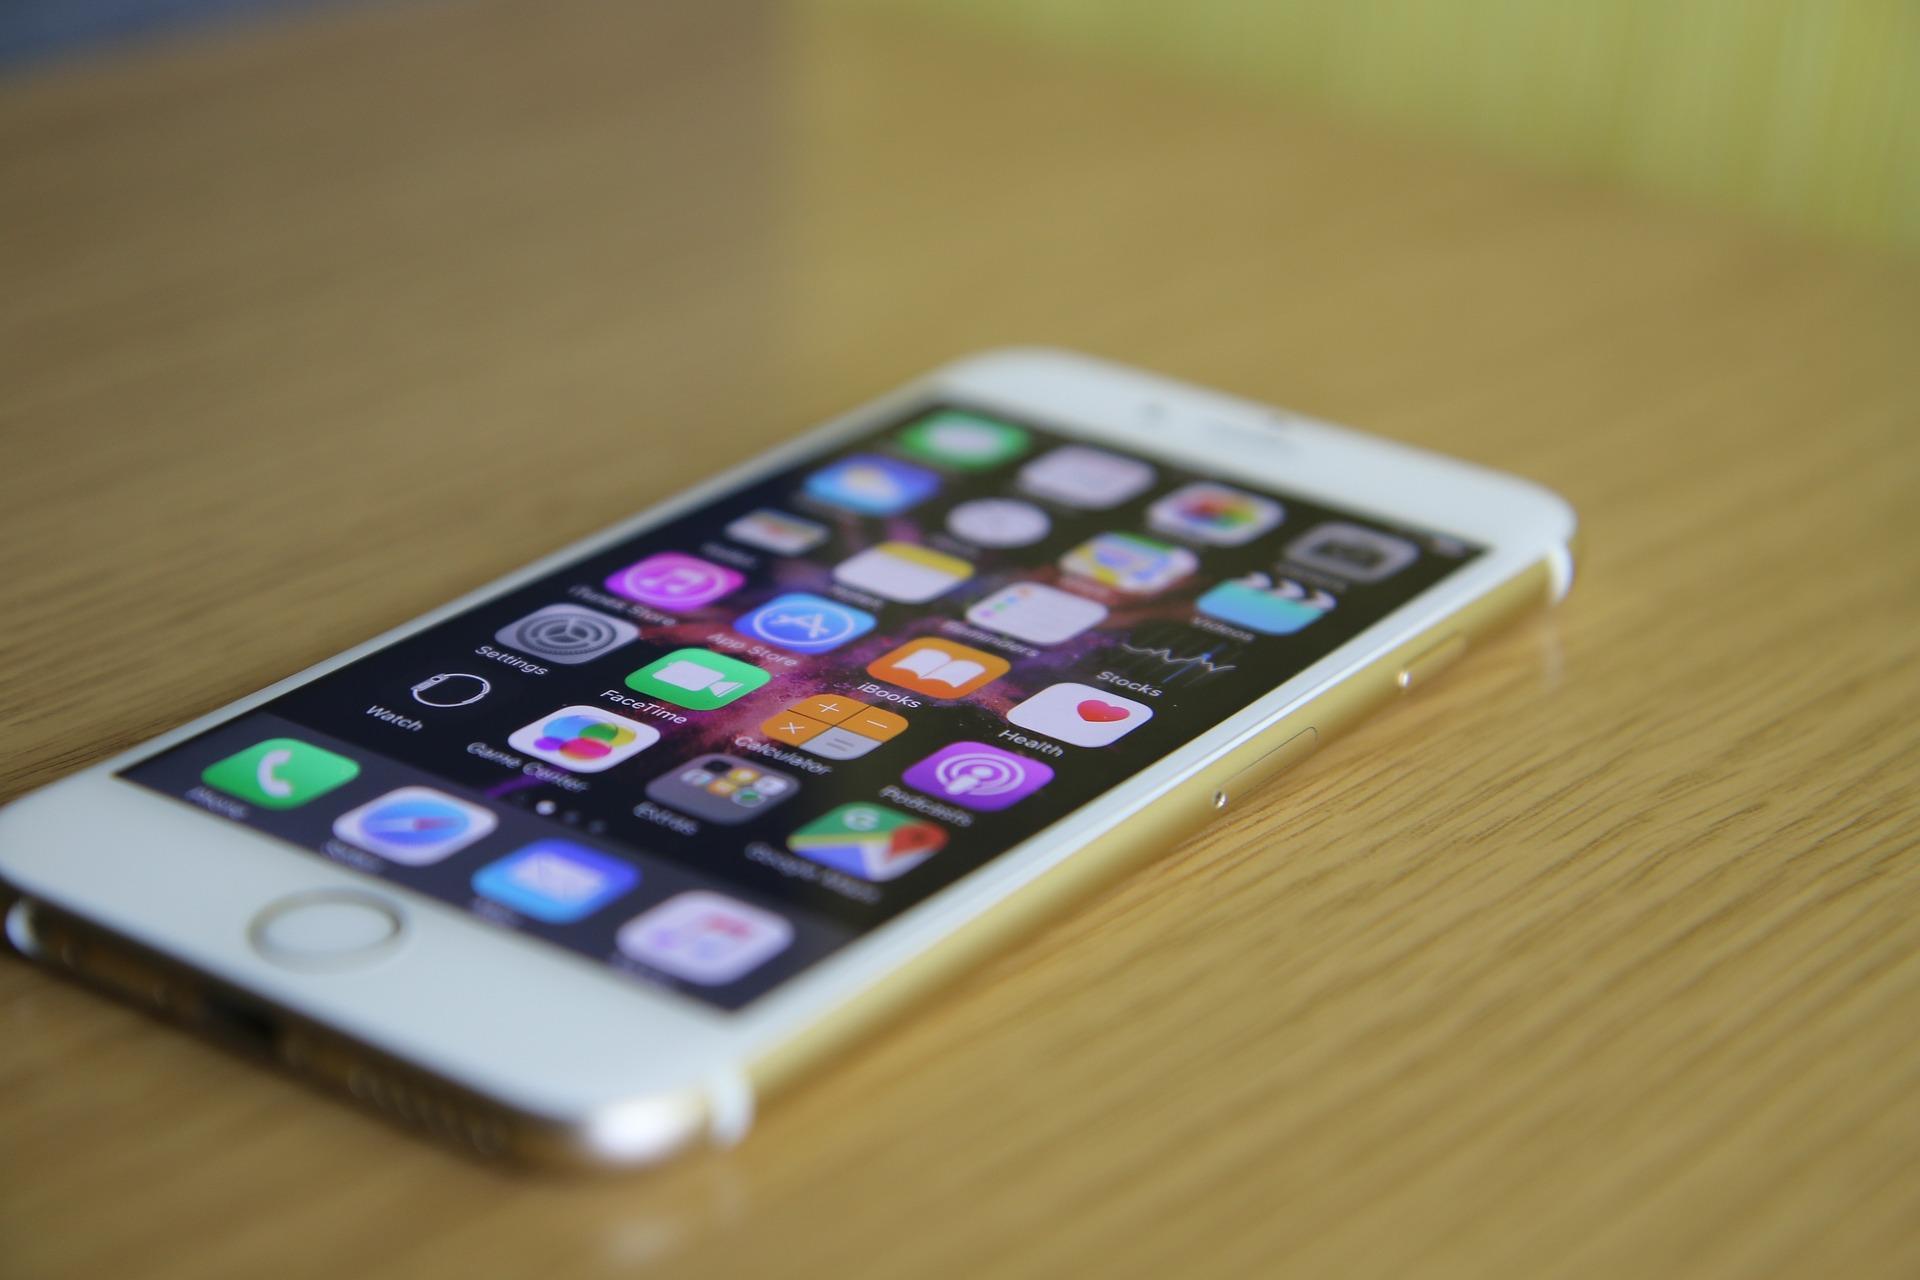 2021cee4a0a5 Понты за копейки  iPhone 6s рухнул в цене почти в два раза